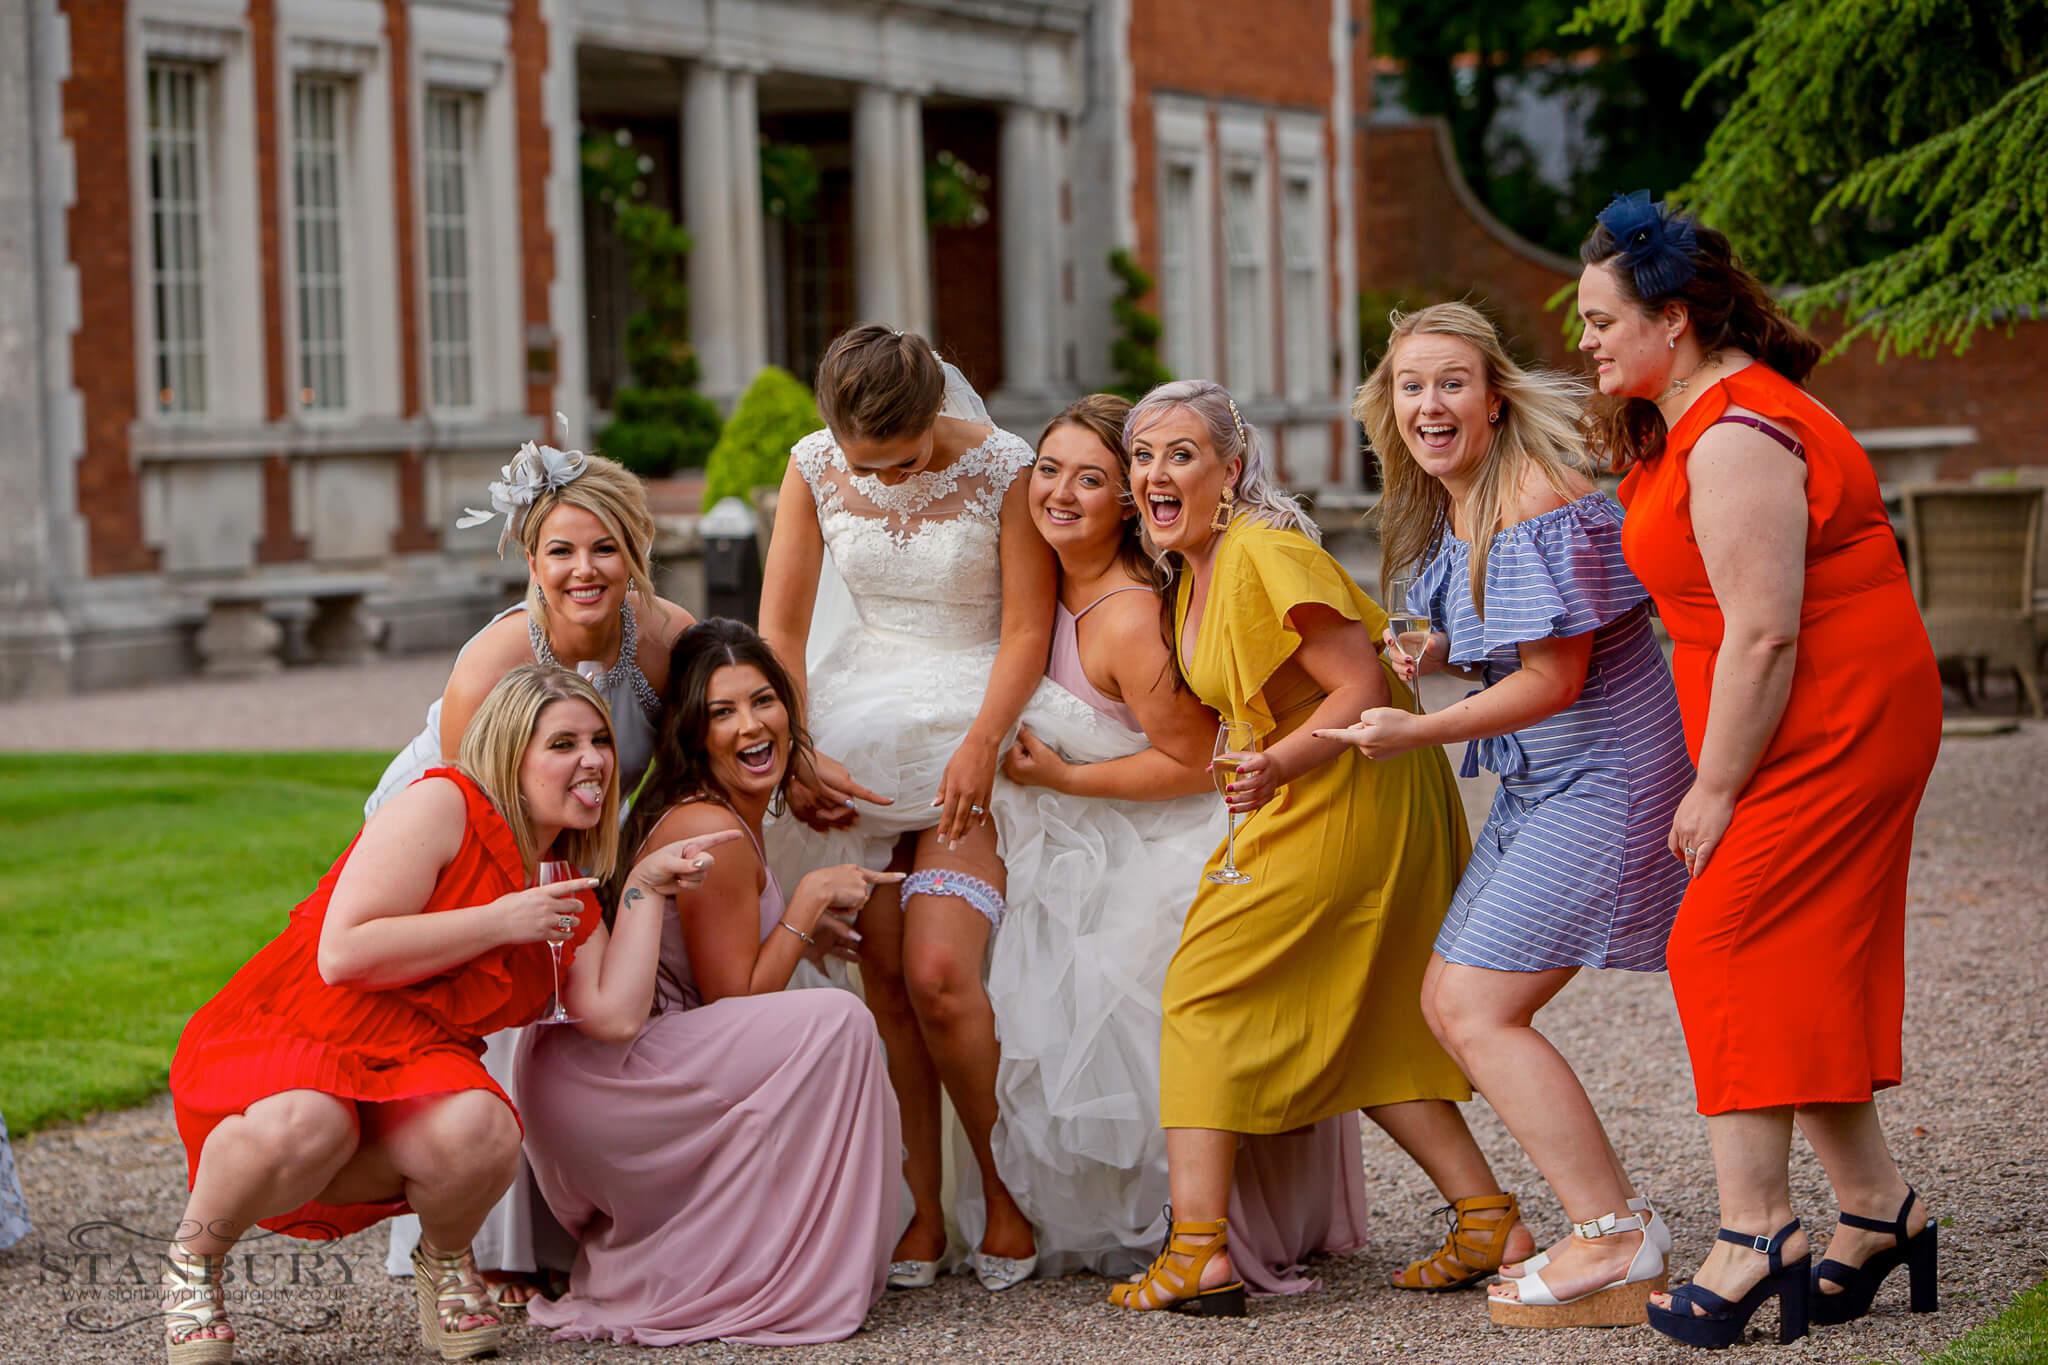 eaves-hall-wedding-photography-026